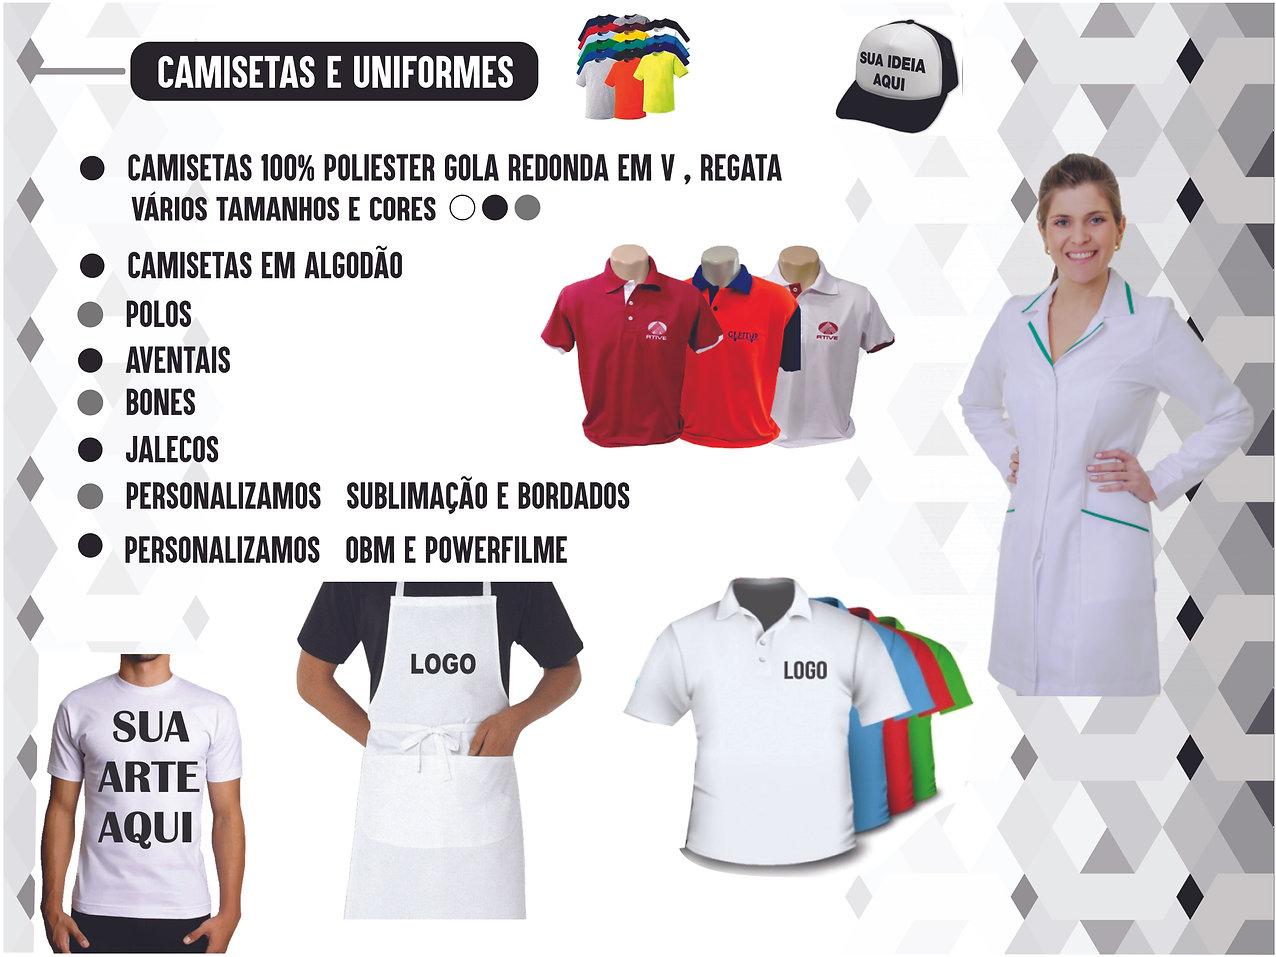 CAMI E UNIFORMES.jpg